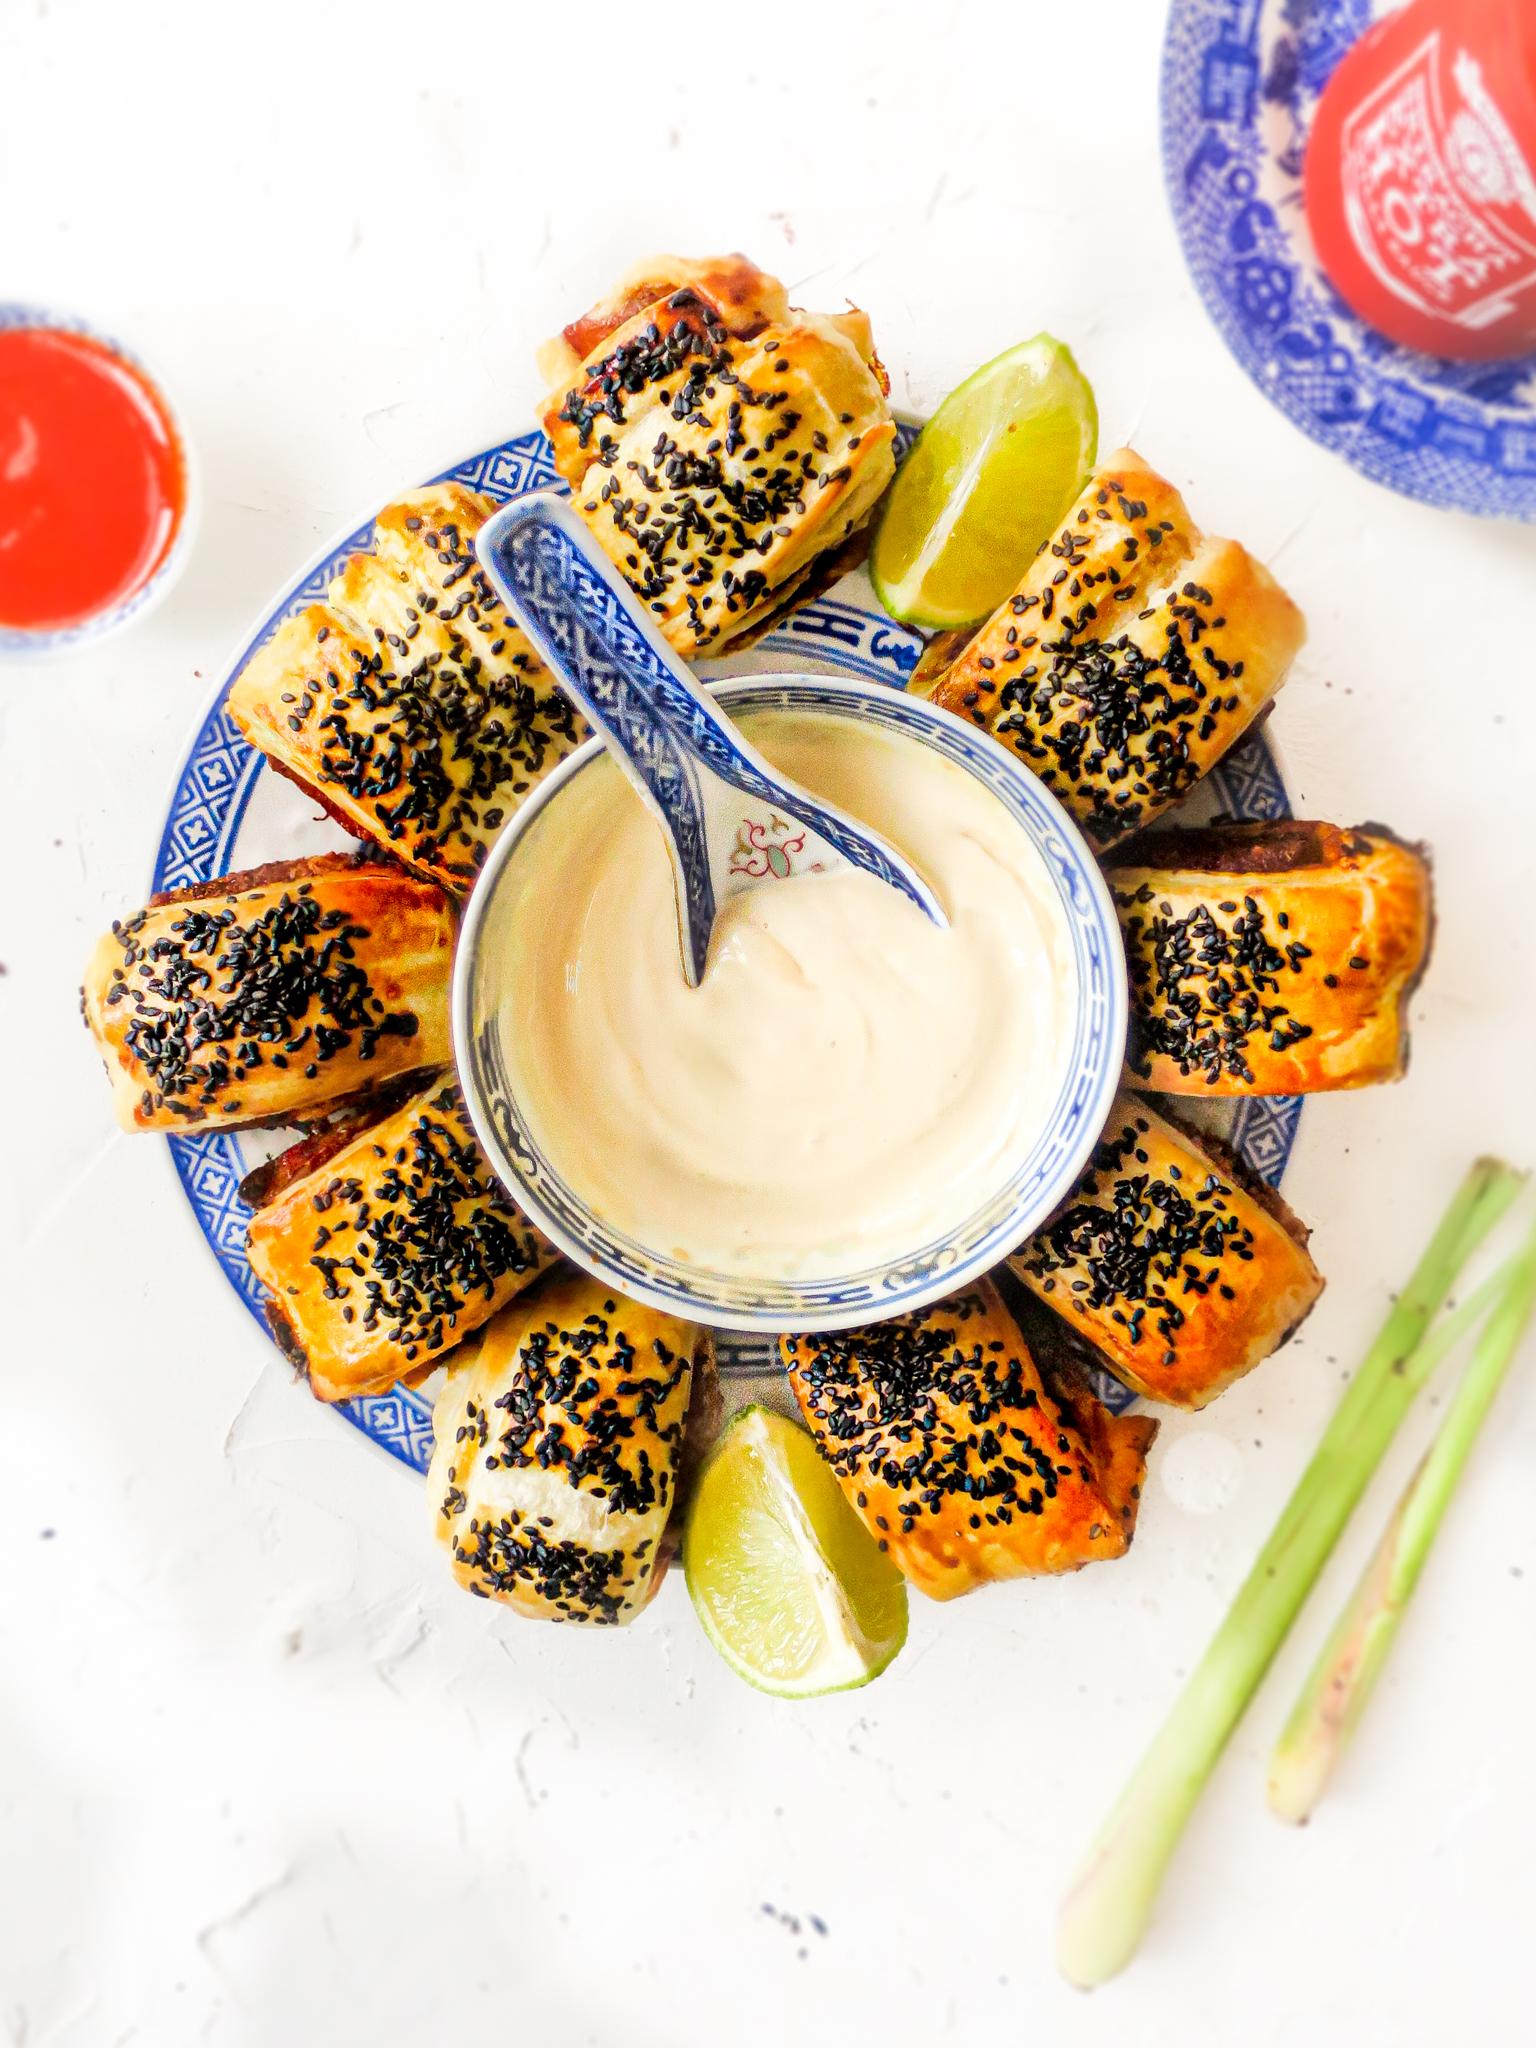 Op deze foto zie je Vietnamese saucijzenbroodjes